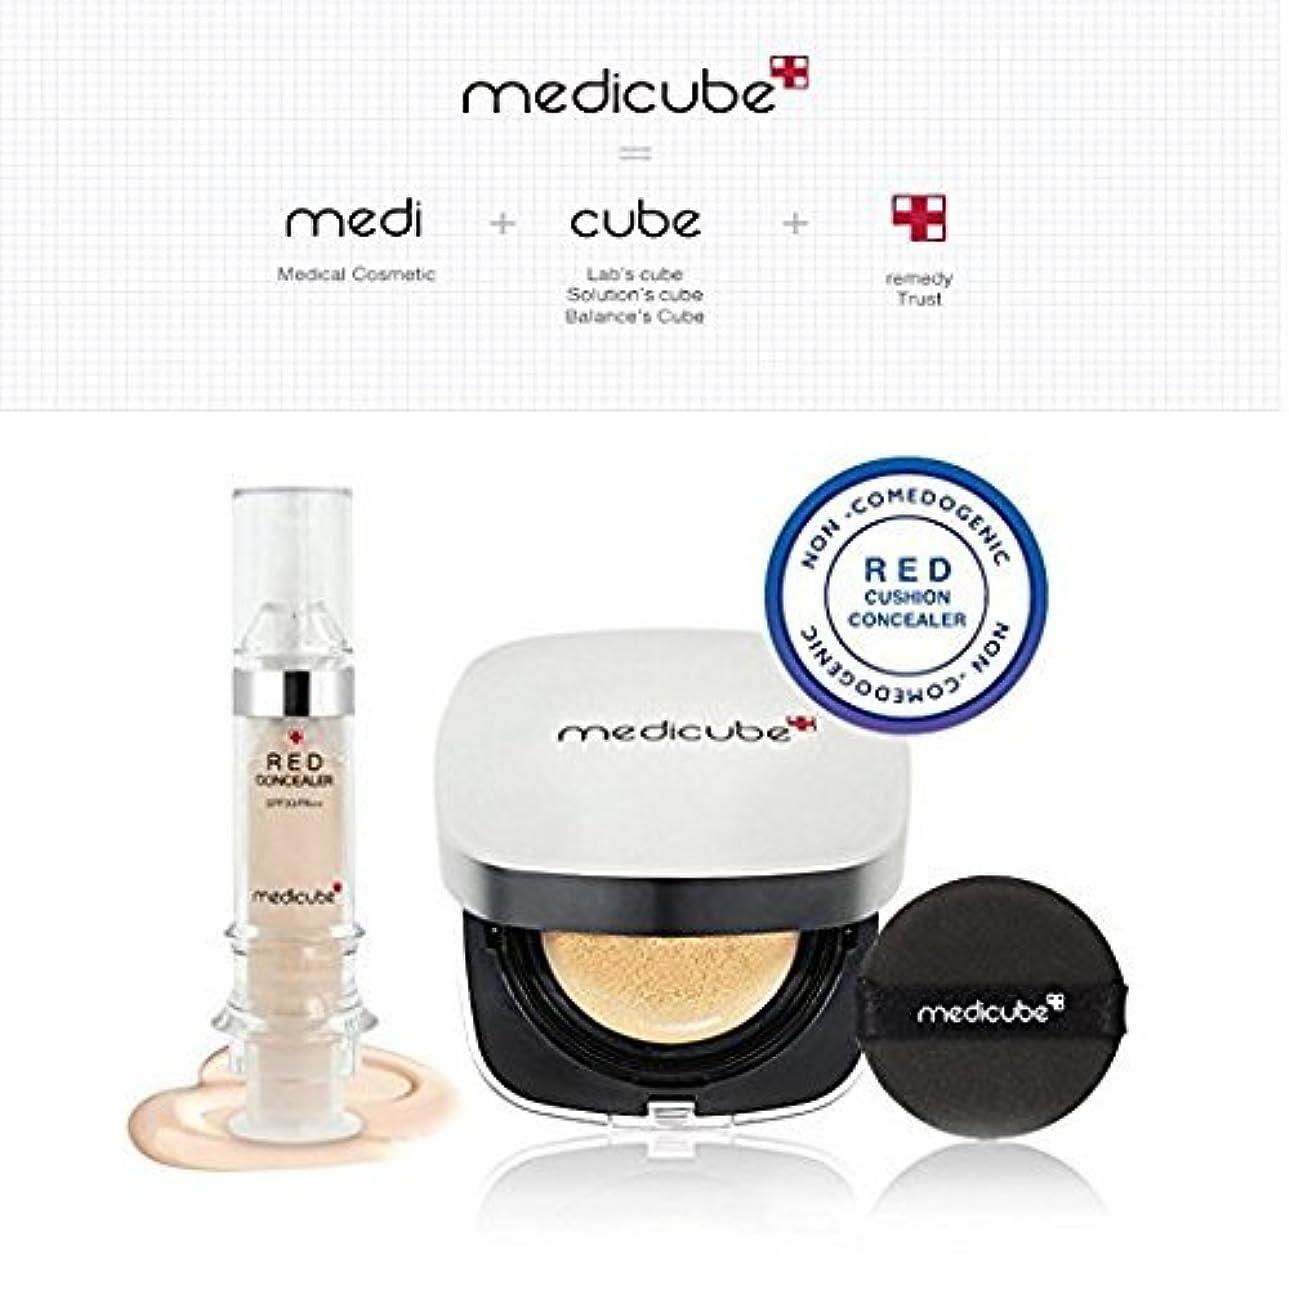 Medicube メディキューブレッドクッション(15g) + コンシーラセット(5.5ml) 正品?海外直送商品 (Cushion #21 + #21)